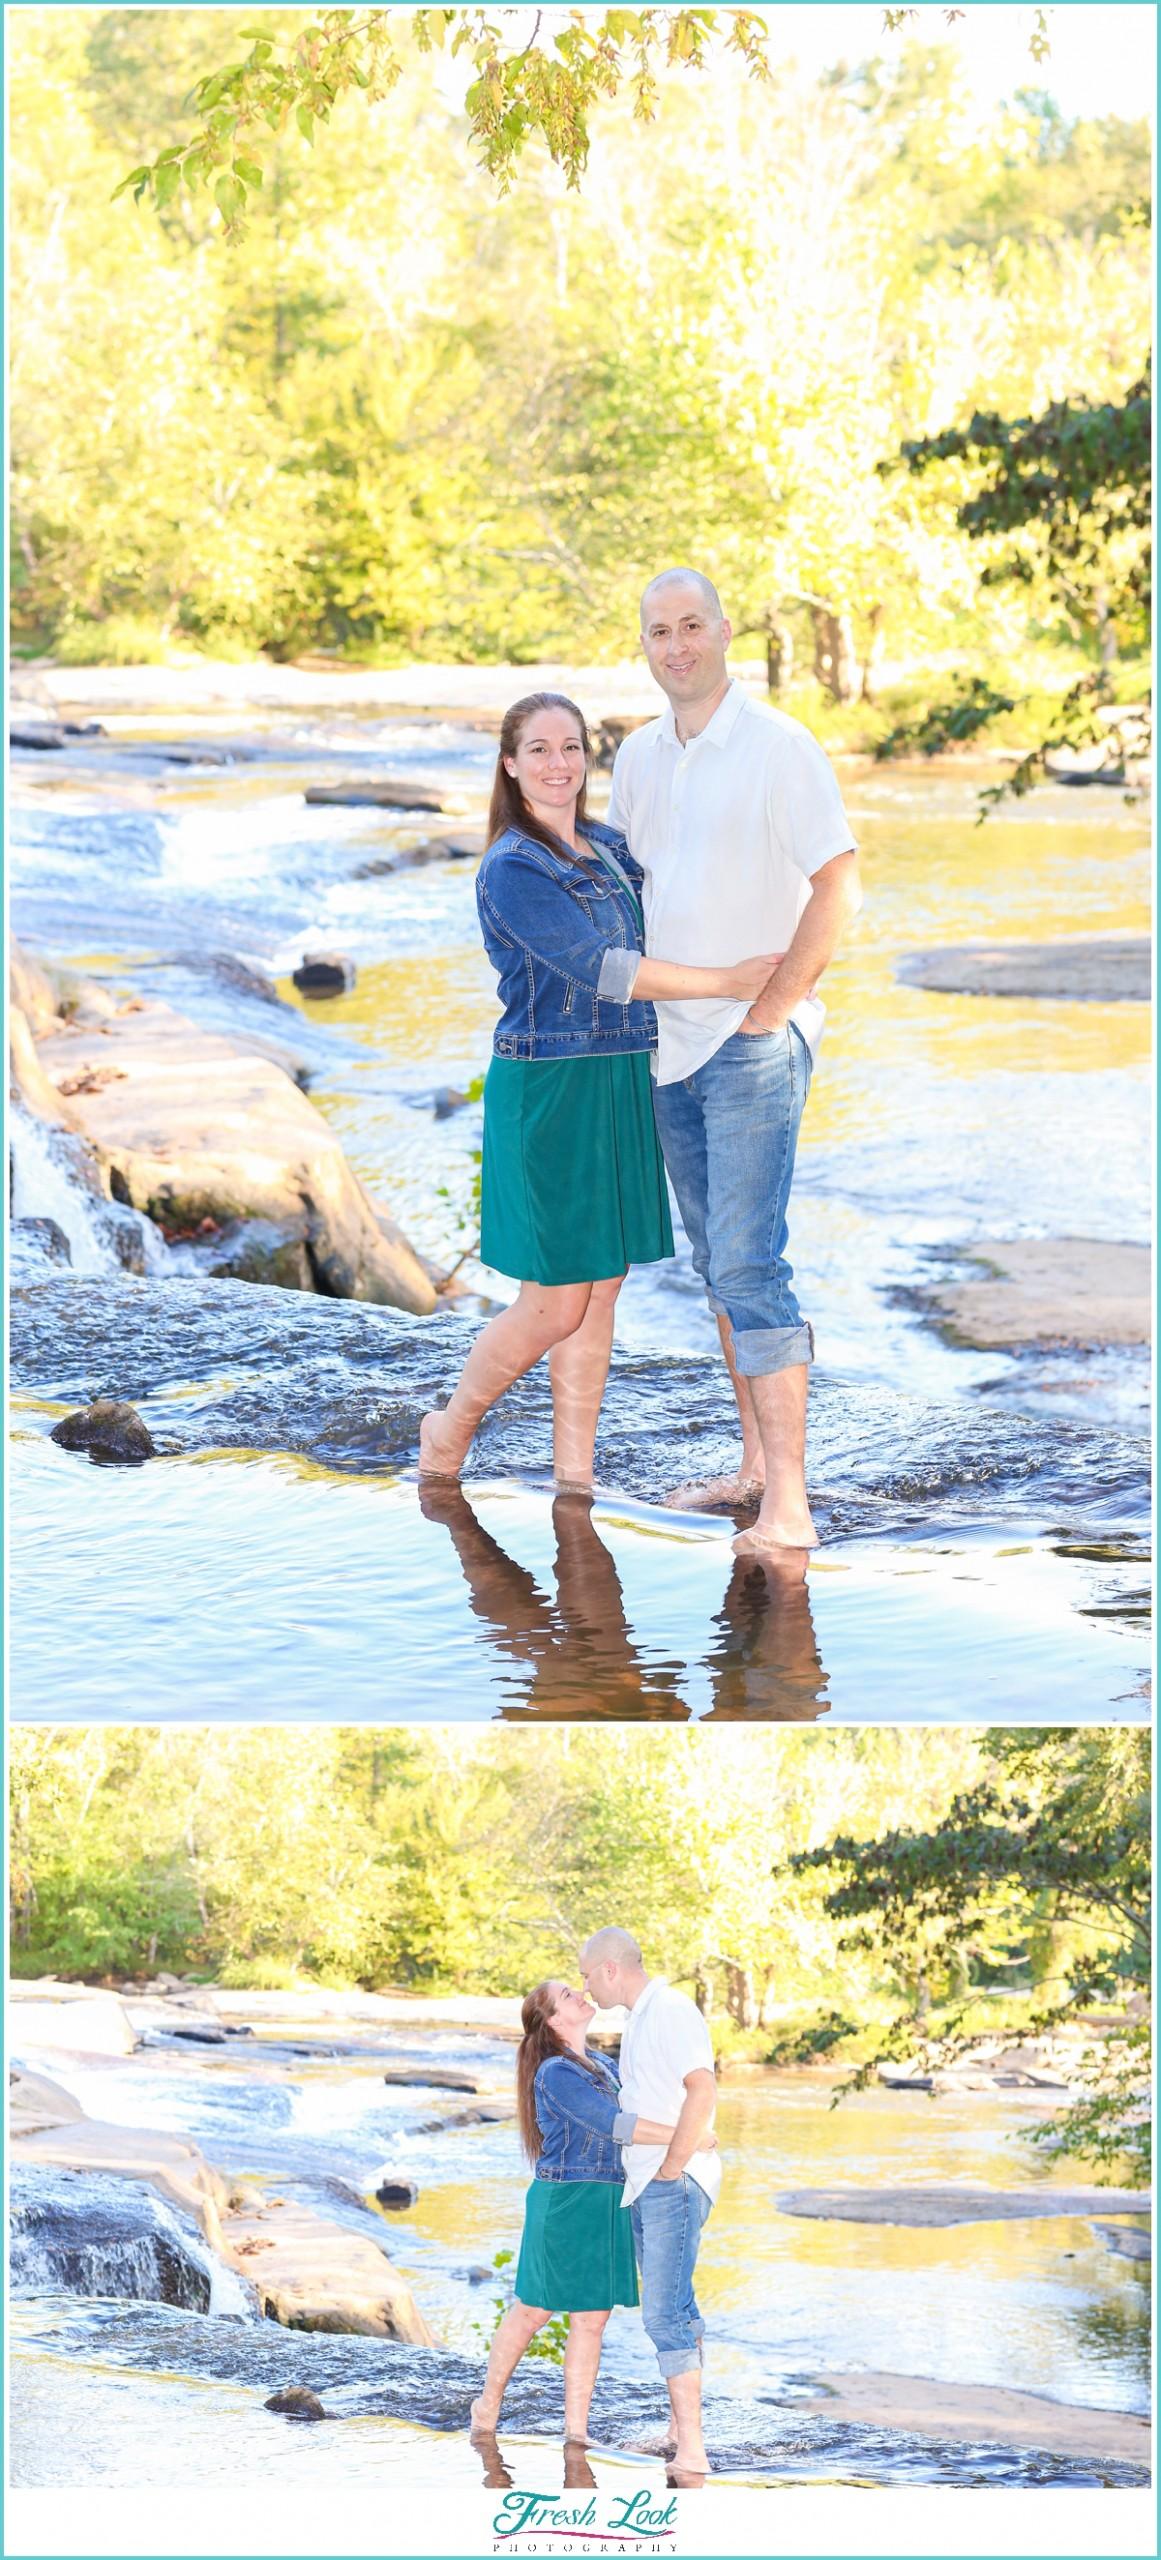 romantic woodsy couples photos